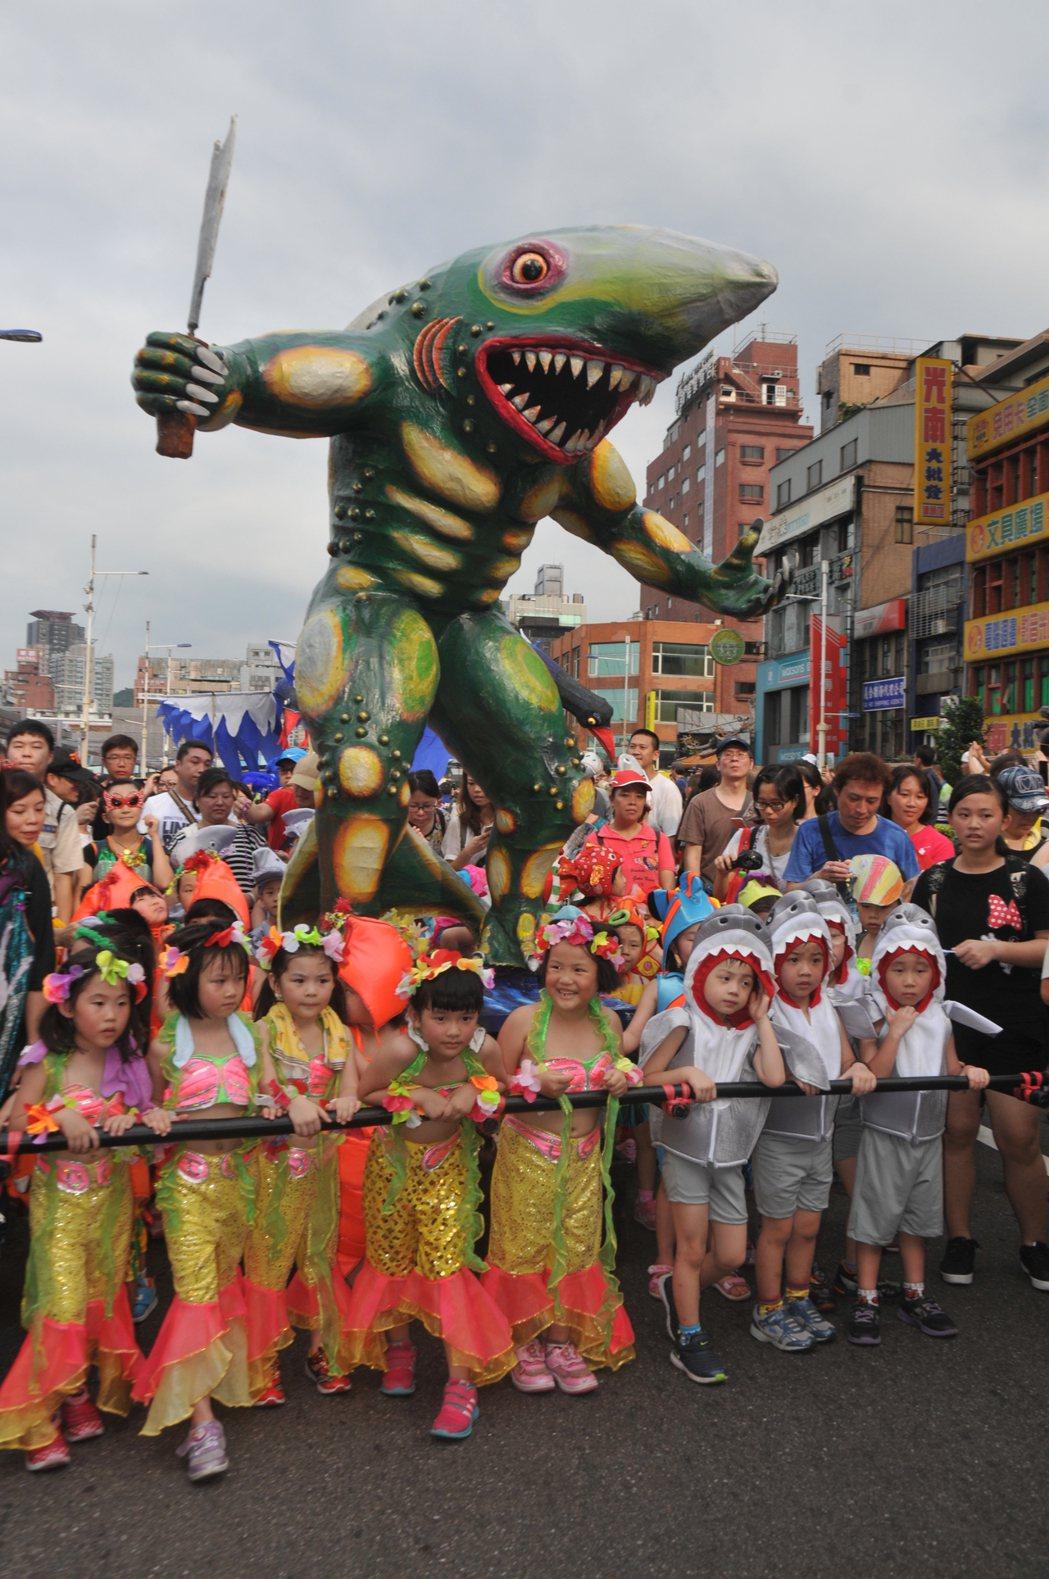 基隆老鷹嘉年華大遊行下午舉行,市區擠爆。記者游明煌/攝影